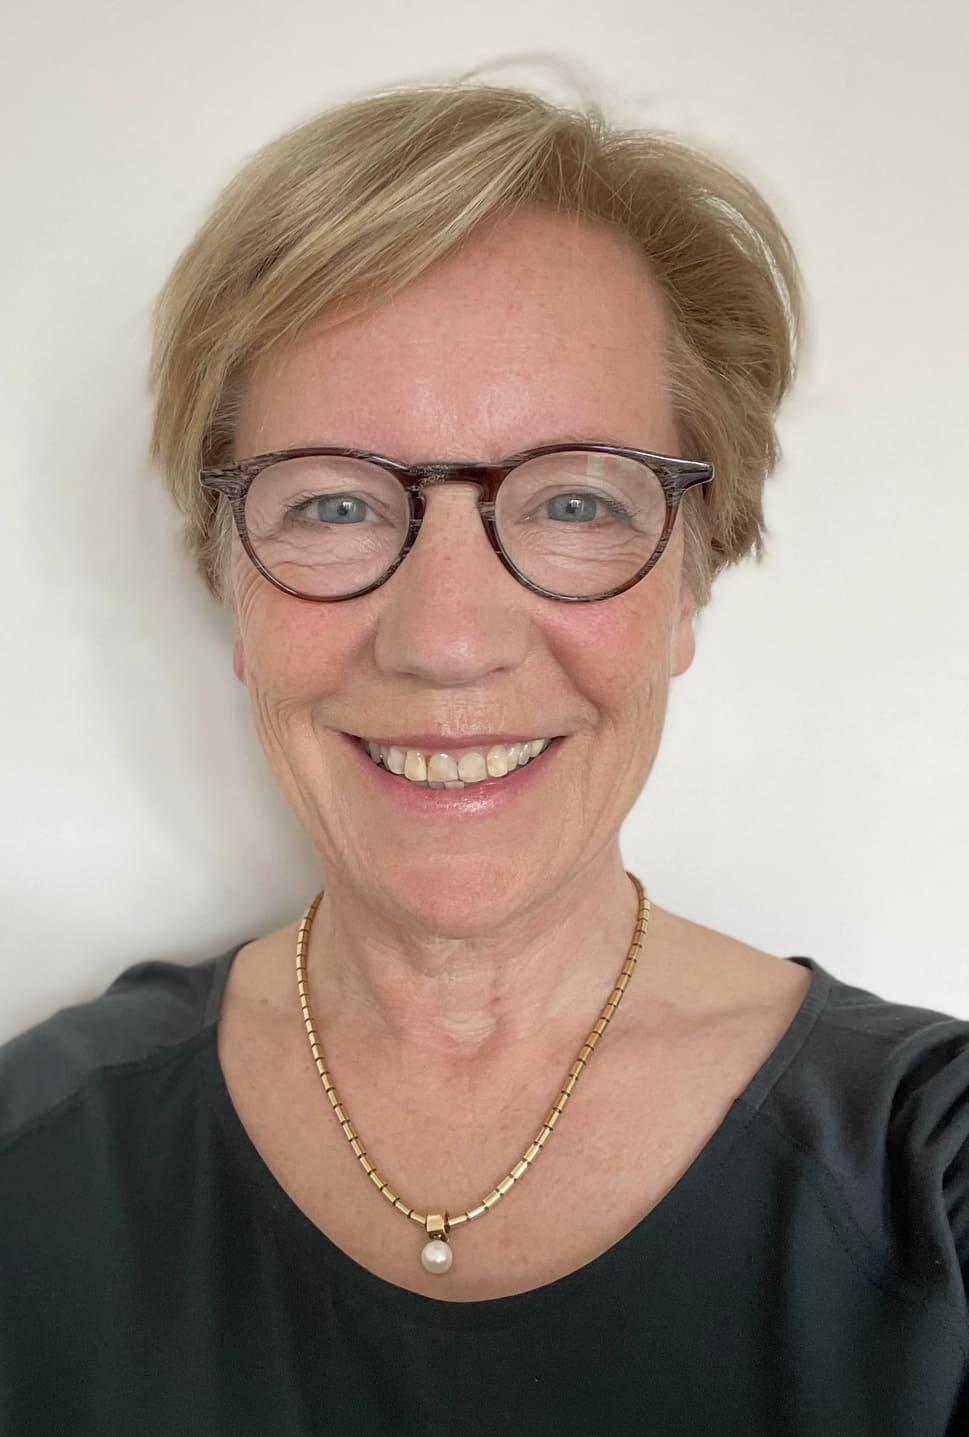 Elisabeth Bel - profile image